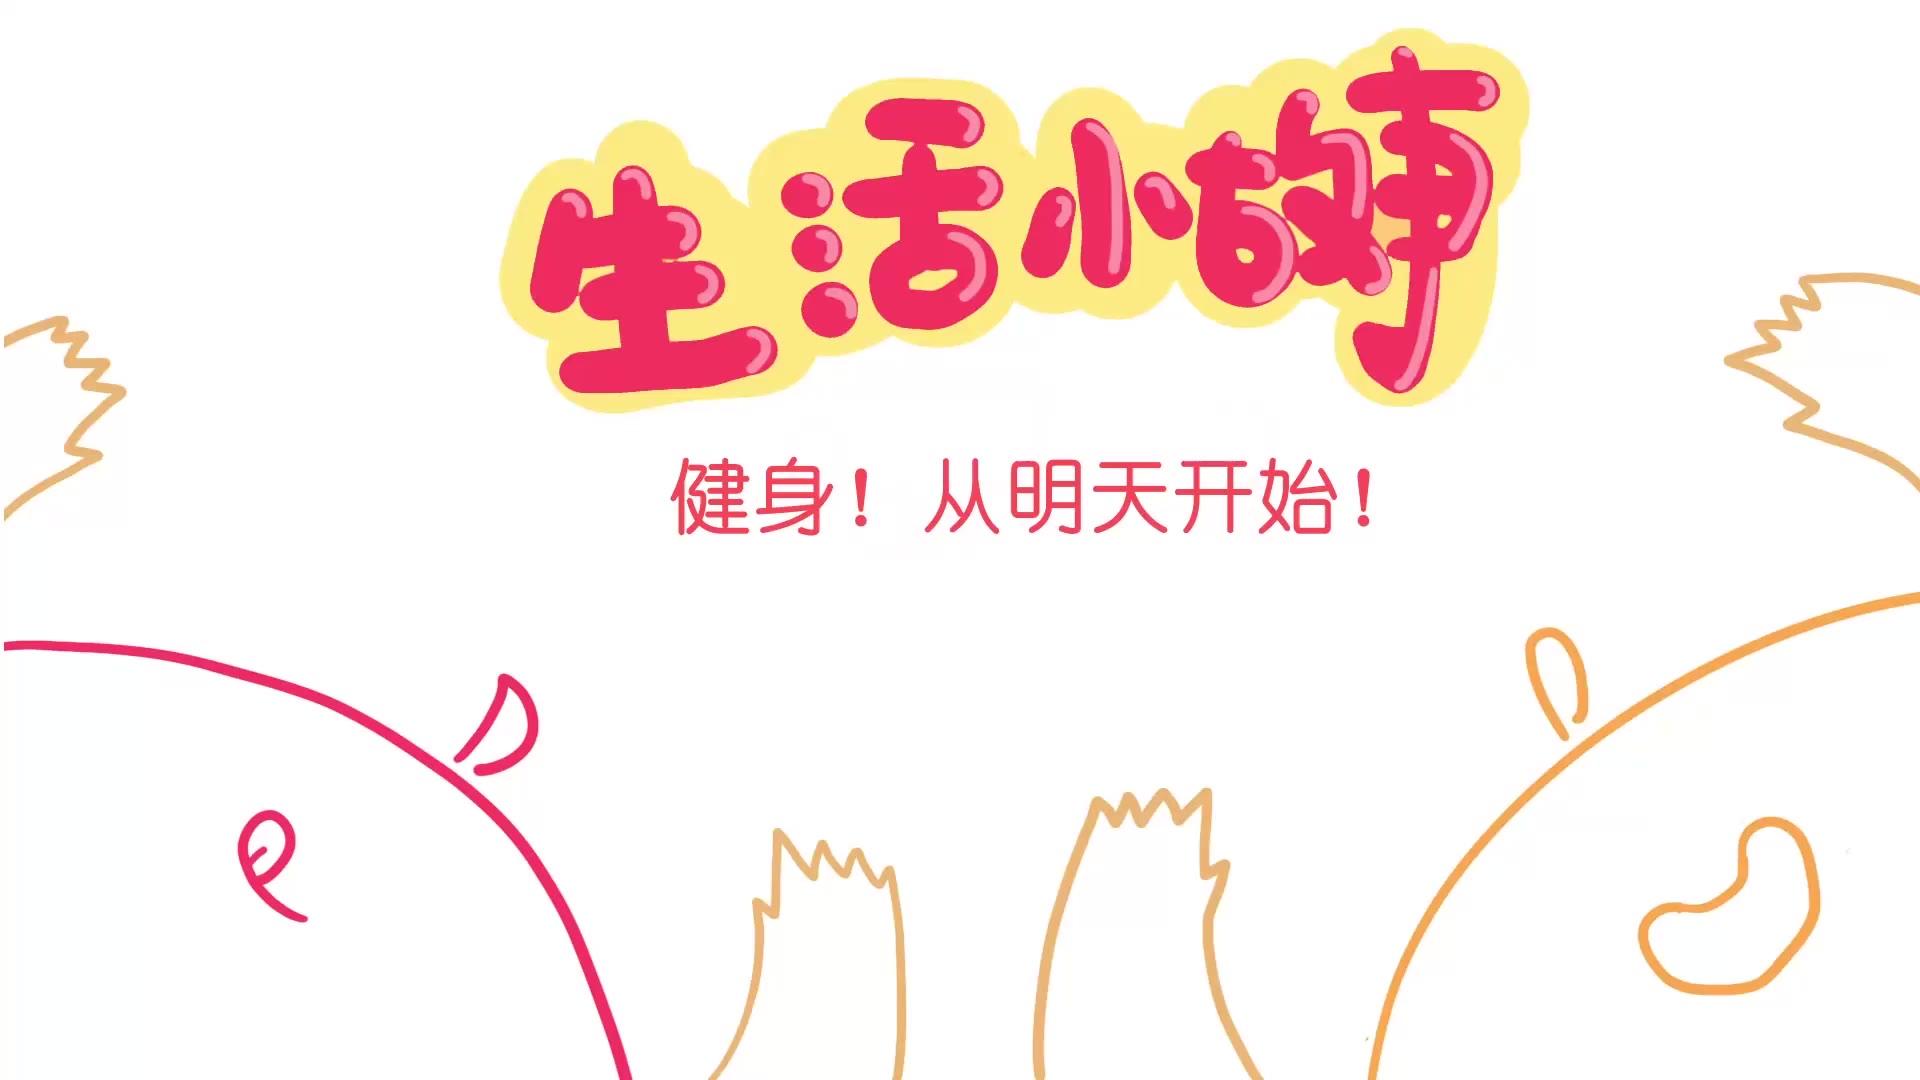 【生活小故事】健身小日常 Vol.6【夏日焦易战】